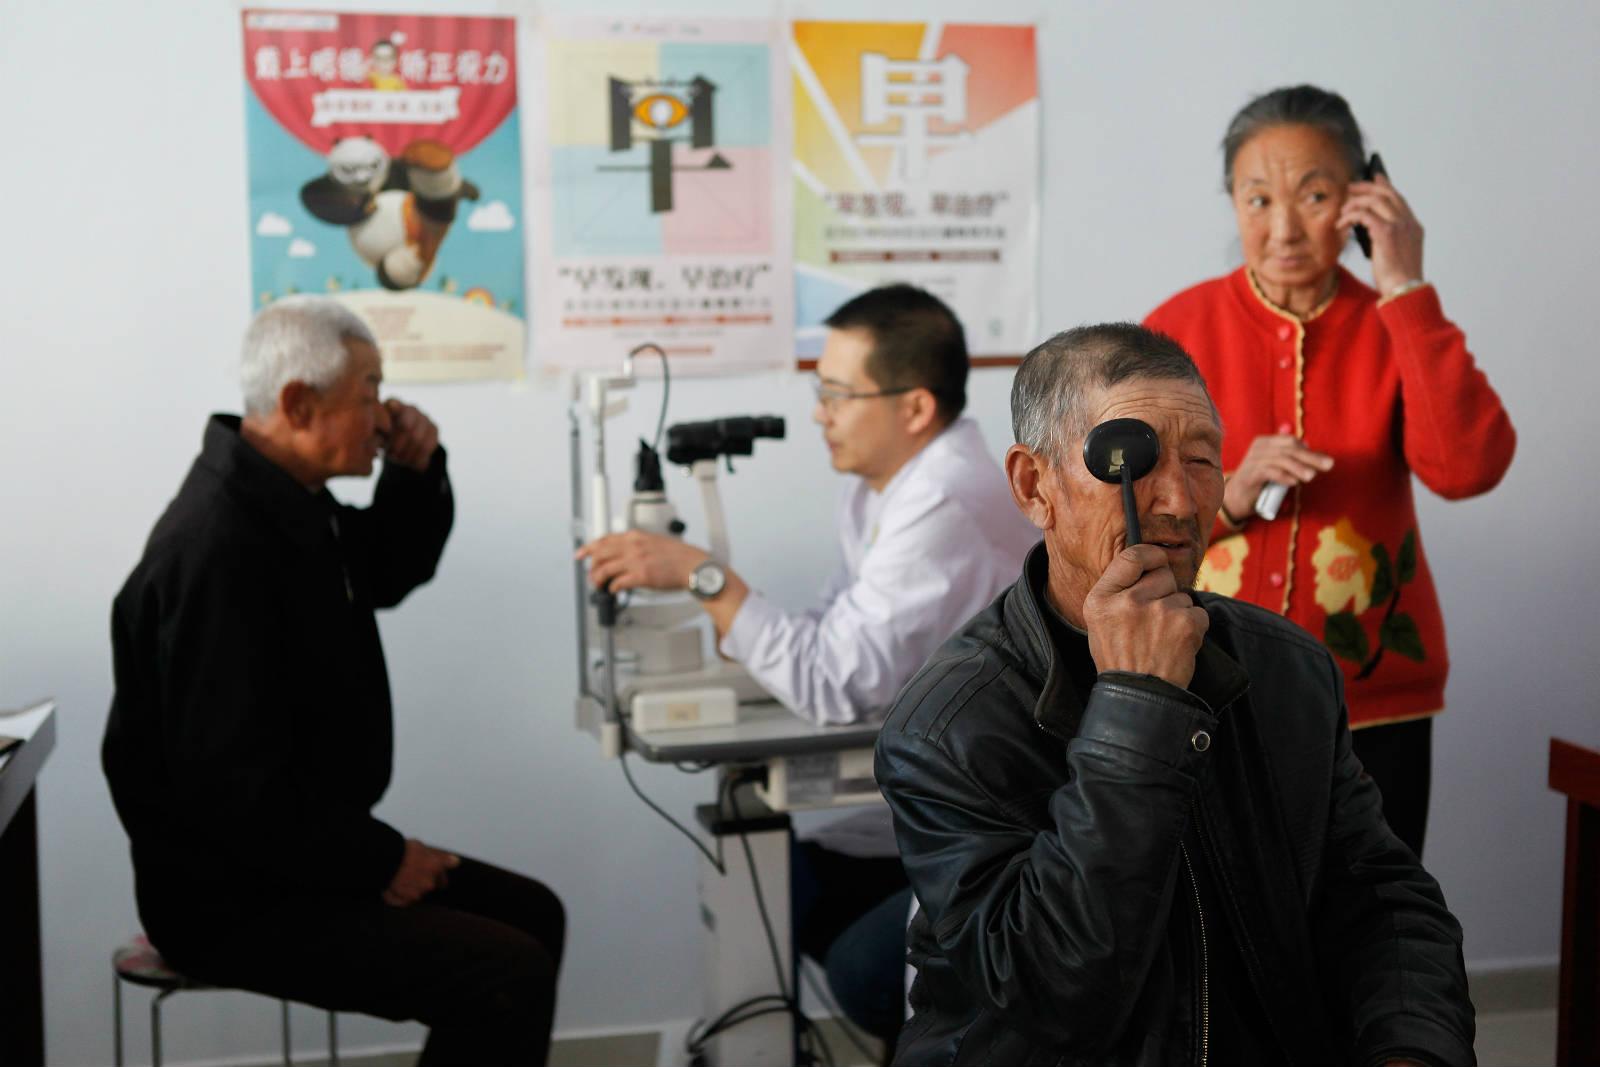 醫療團隊每次到達五良太鄉,都會為 30、40 個居民、主要是長者進行眼科檢查。